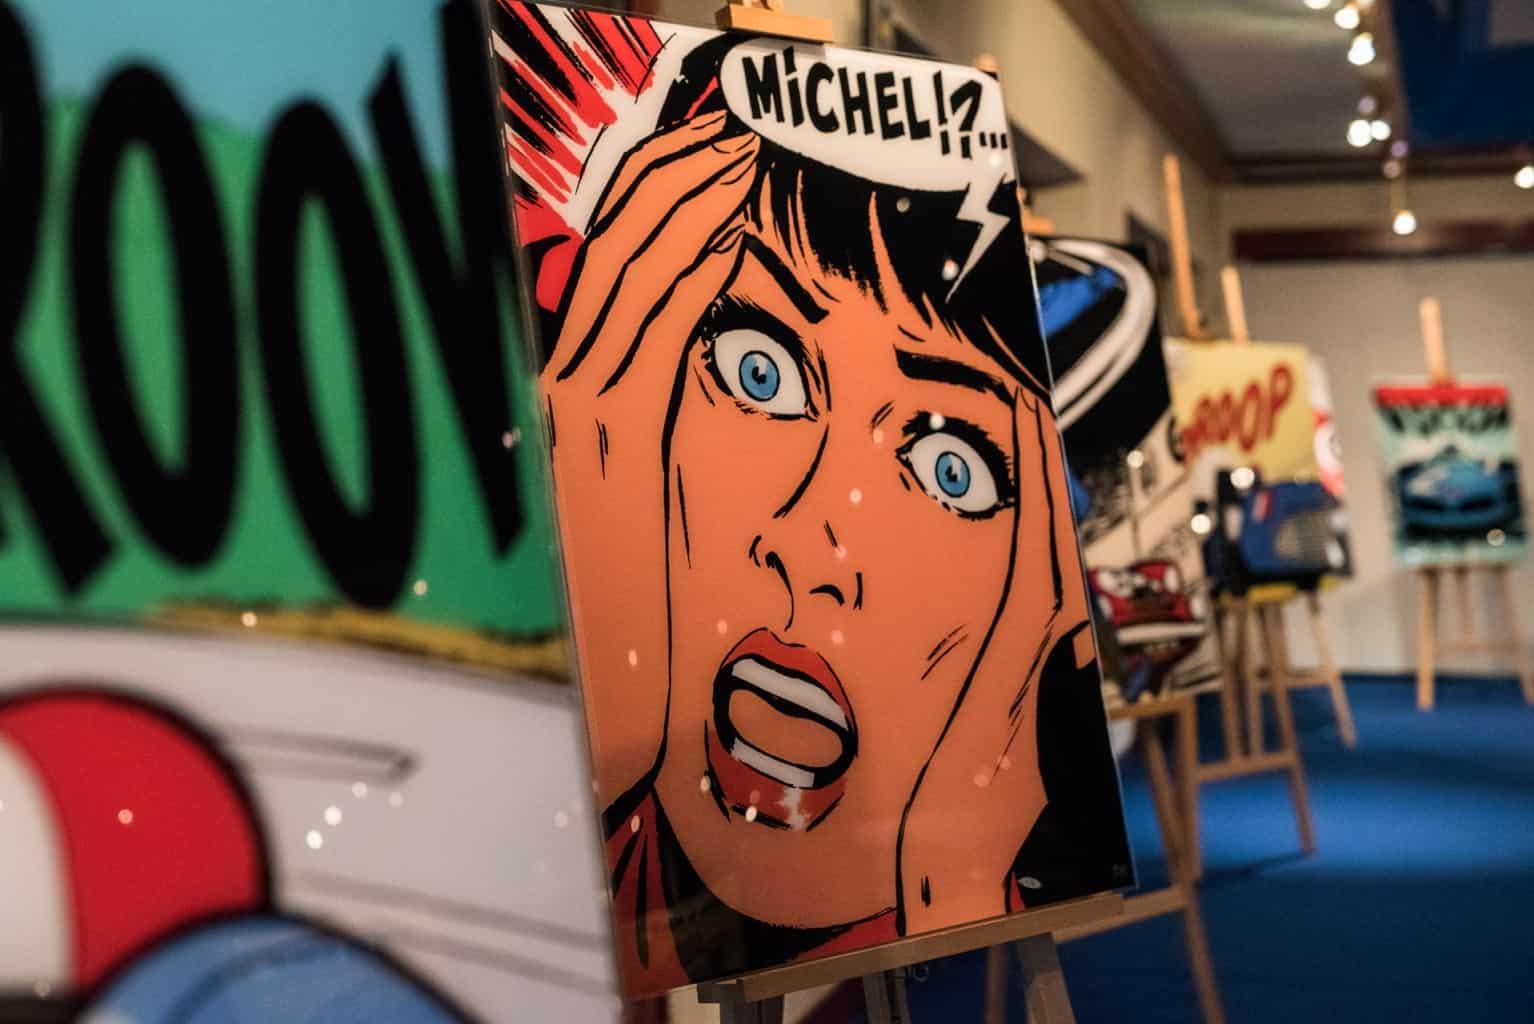 Exposition Michel Vaillant à l'occasion des Spa Classic. Organisation par So Event